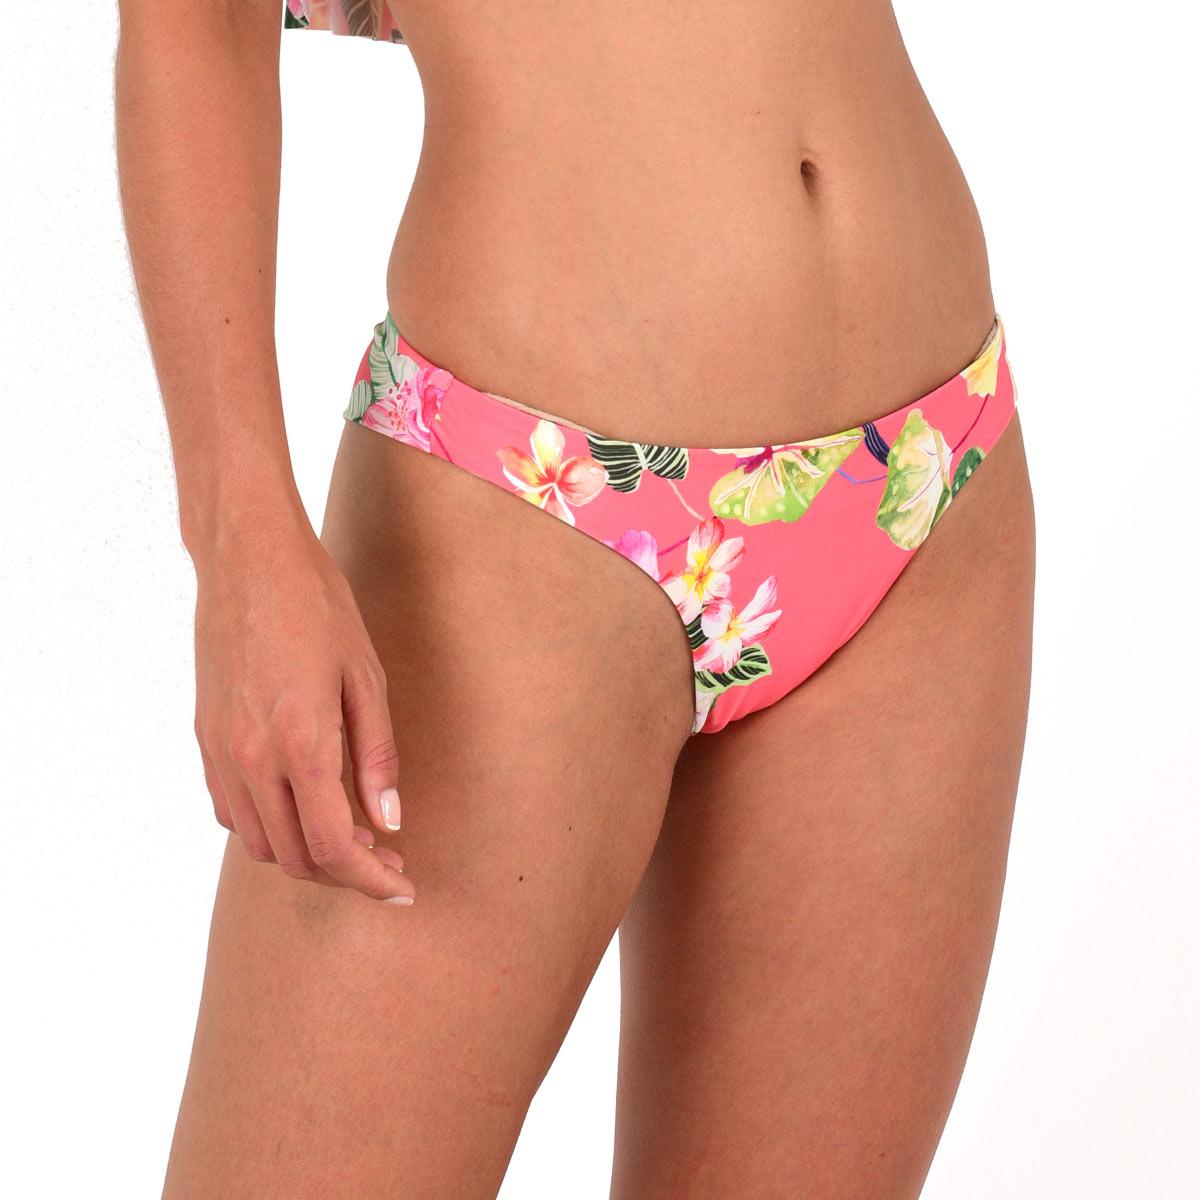 Mon Petit Bikini tanga à fleurs rose corail (Bas)